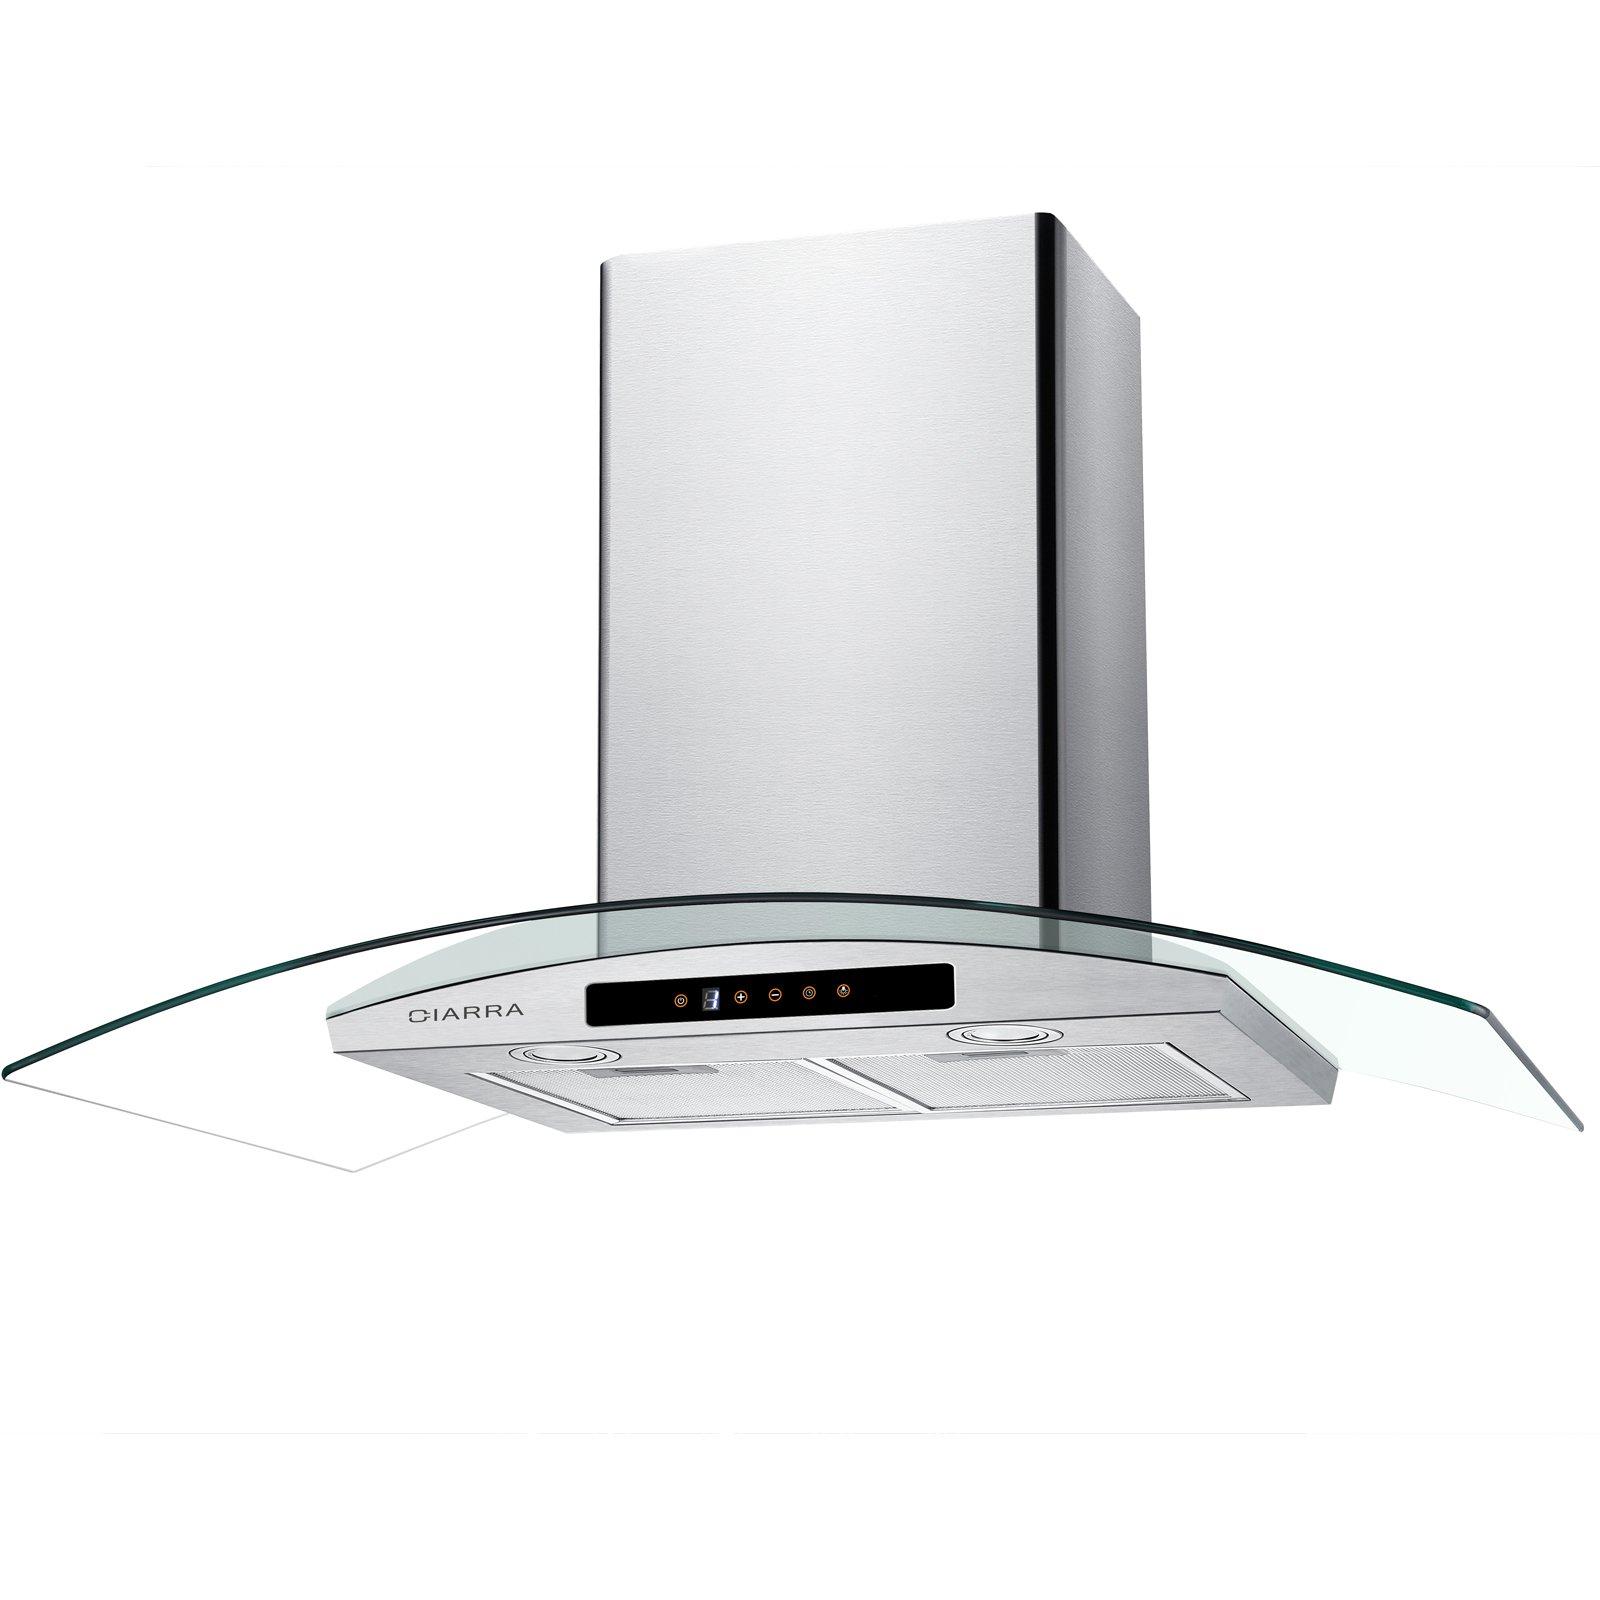 Campanas de cocina campana para isla 30 extractora acero inoxidable modernas 313108785725 ebay - Campanas de cocina ...